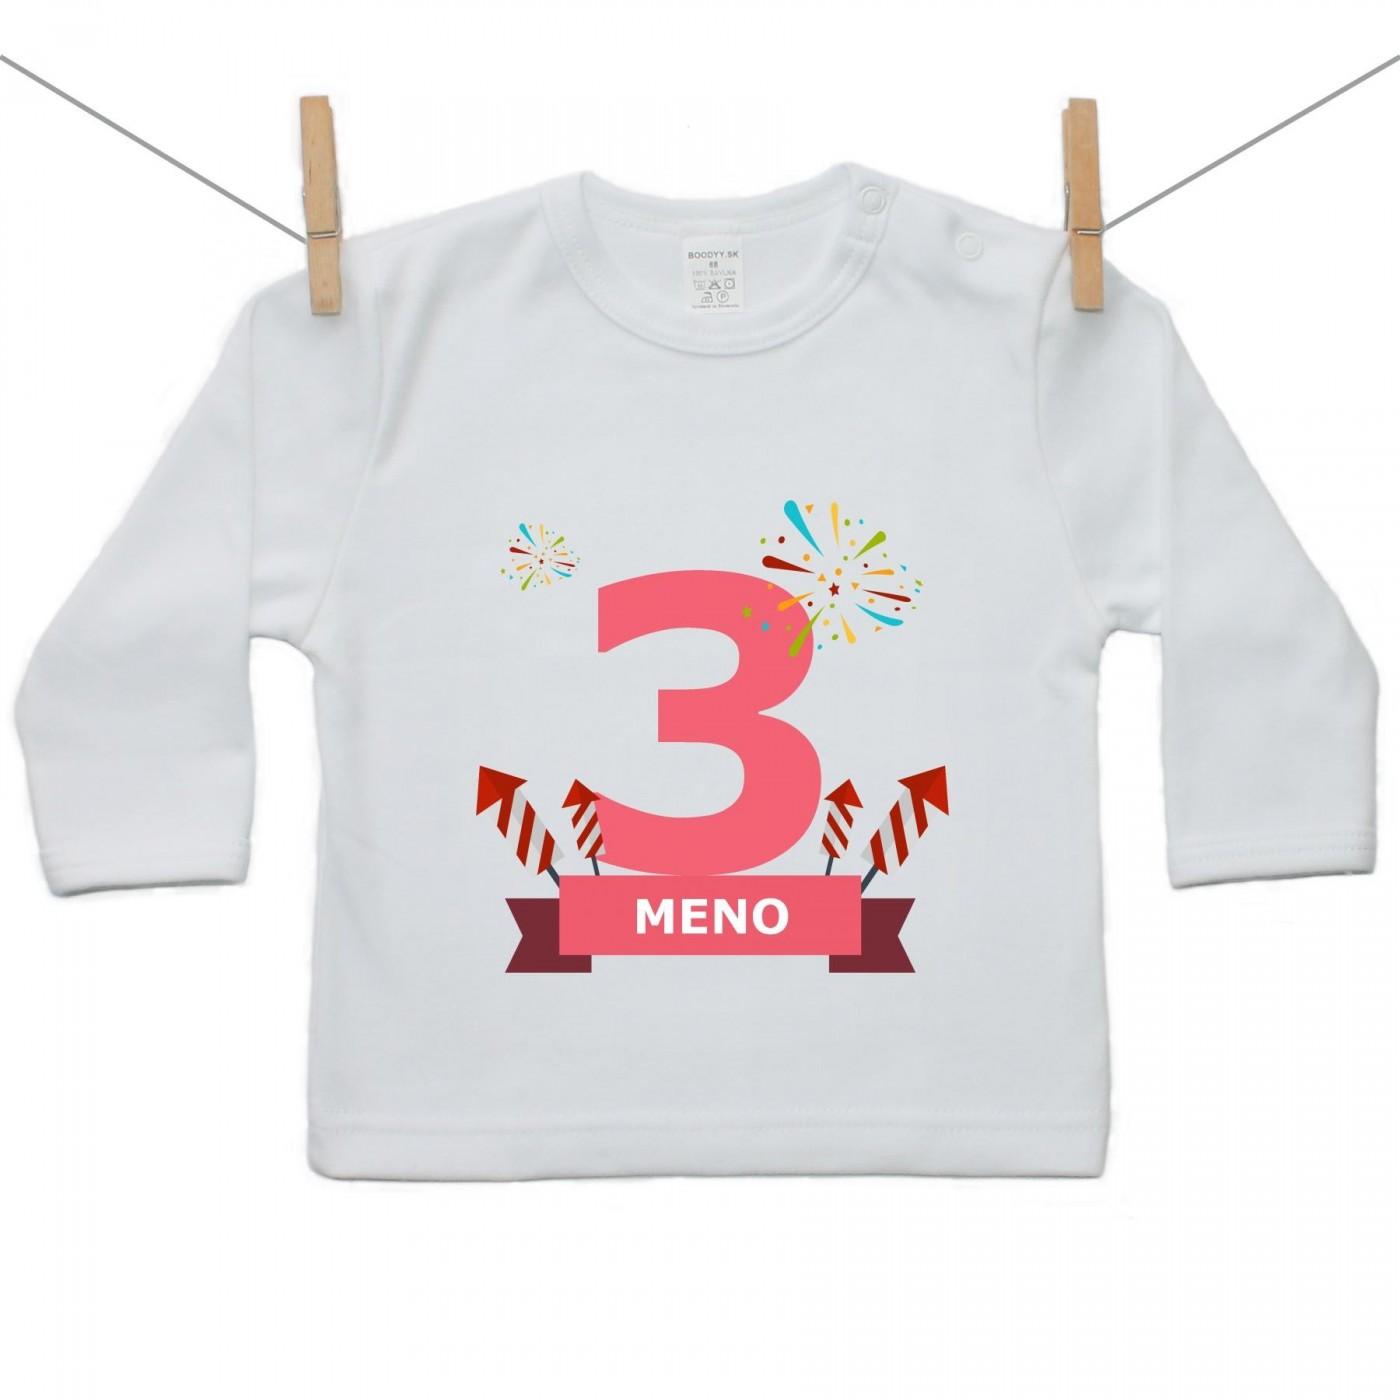 4d5d6db6f Tričko s dlhým rukávom 3 Roky s menom dieťatka Dievča - Tričká s ...